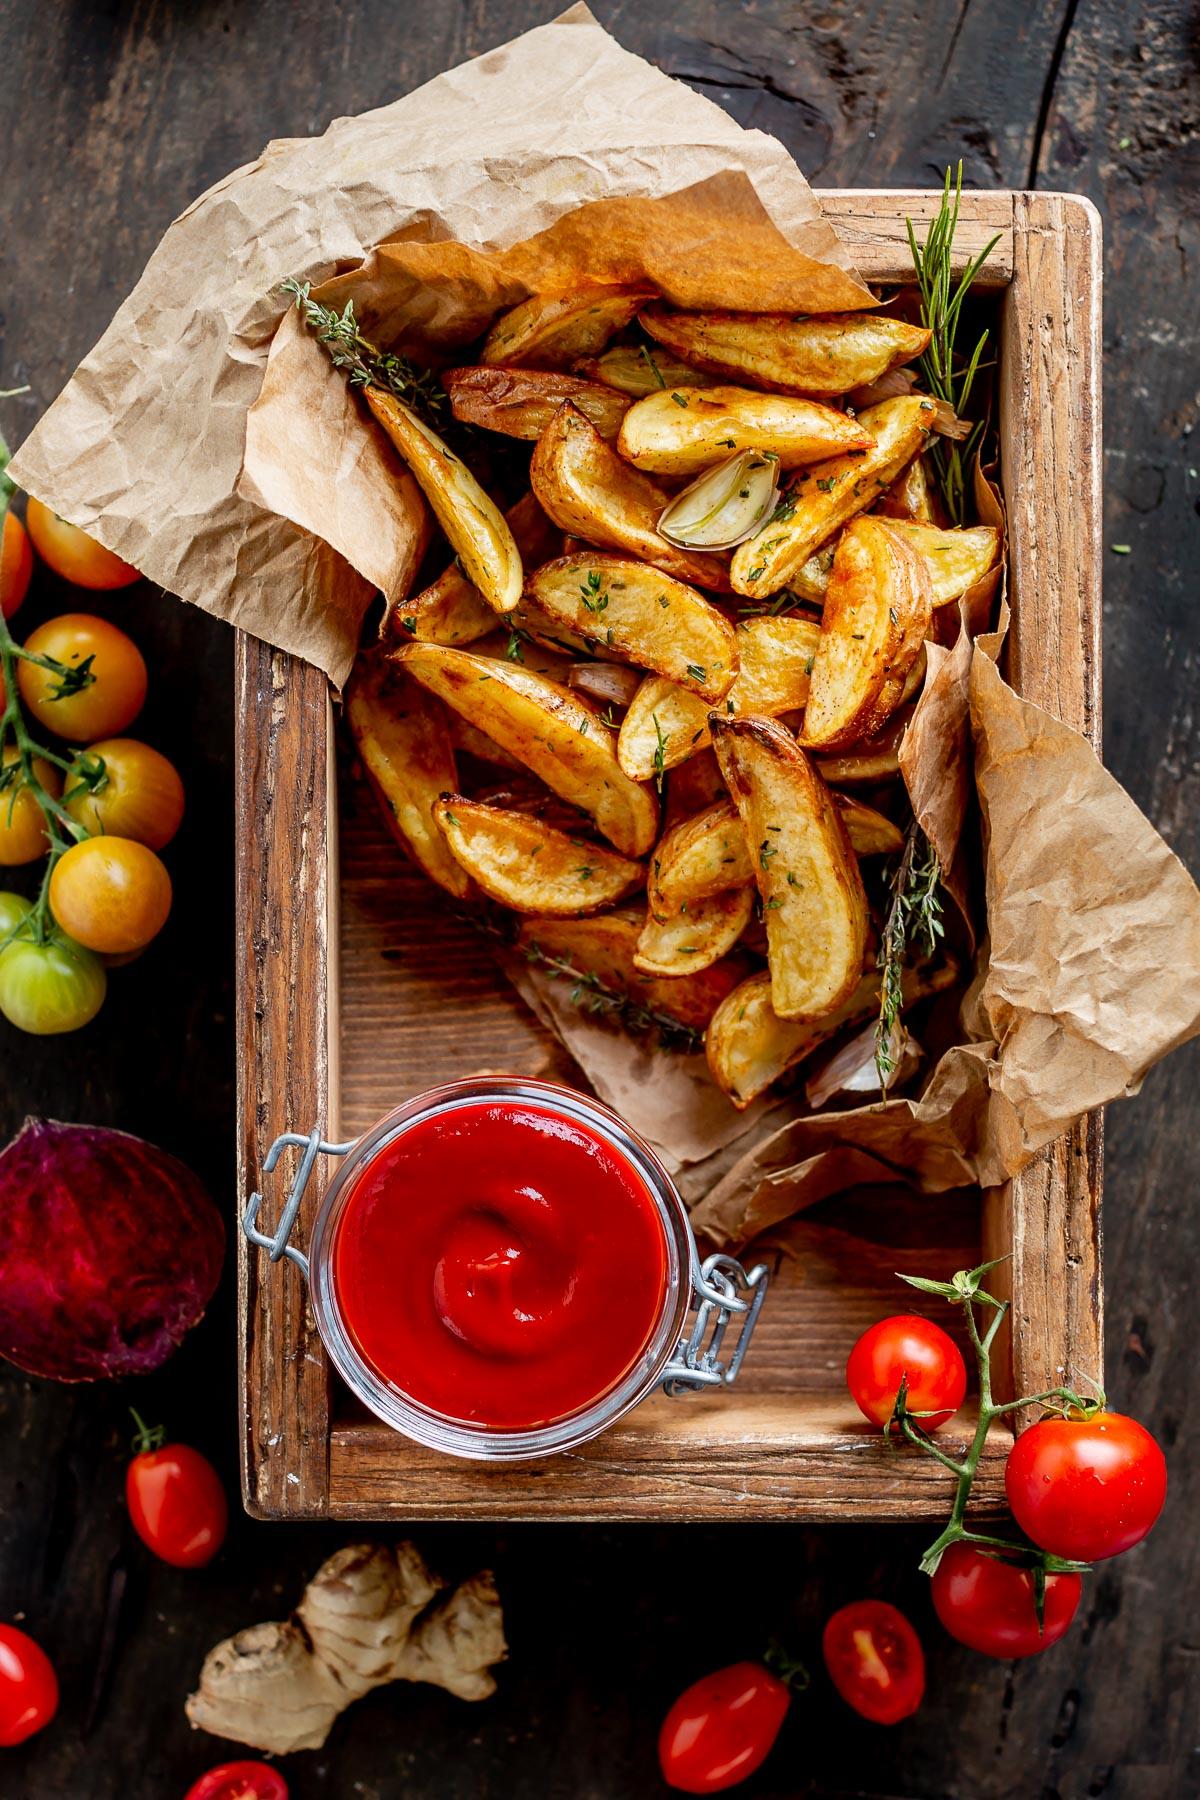 VEGAN homemade tomato BEET KETCHUP recipe refined sugar free ricetta KETCHUP fatto in casa alla BARBABIETOLA sano vegan senza glutine senza zucchero raffinato